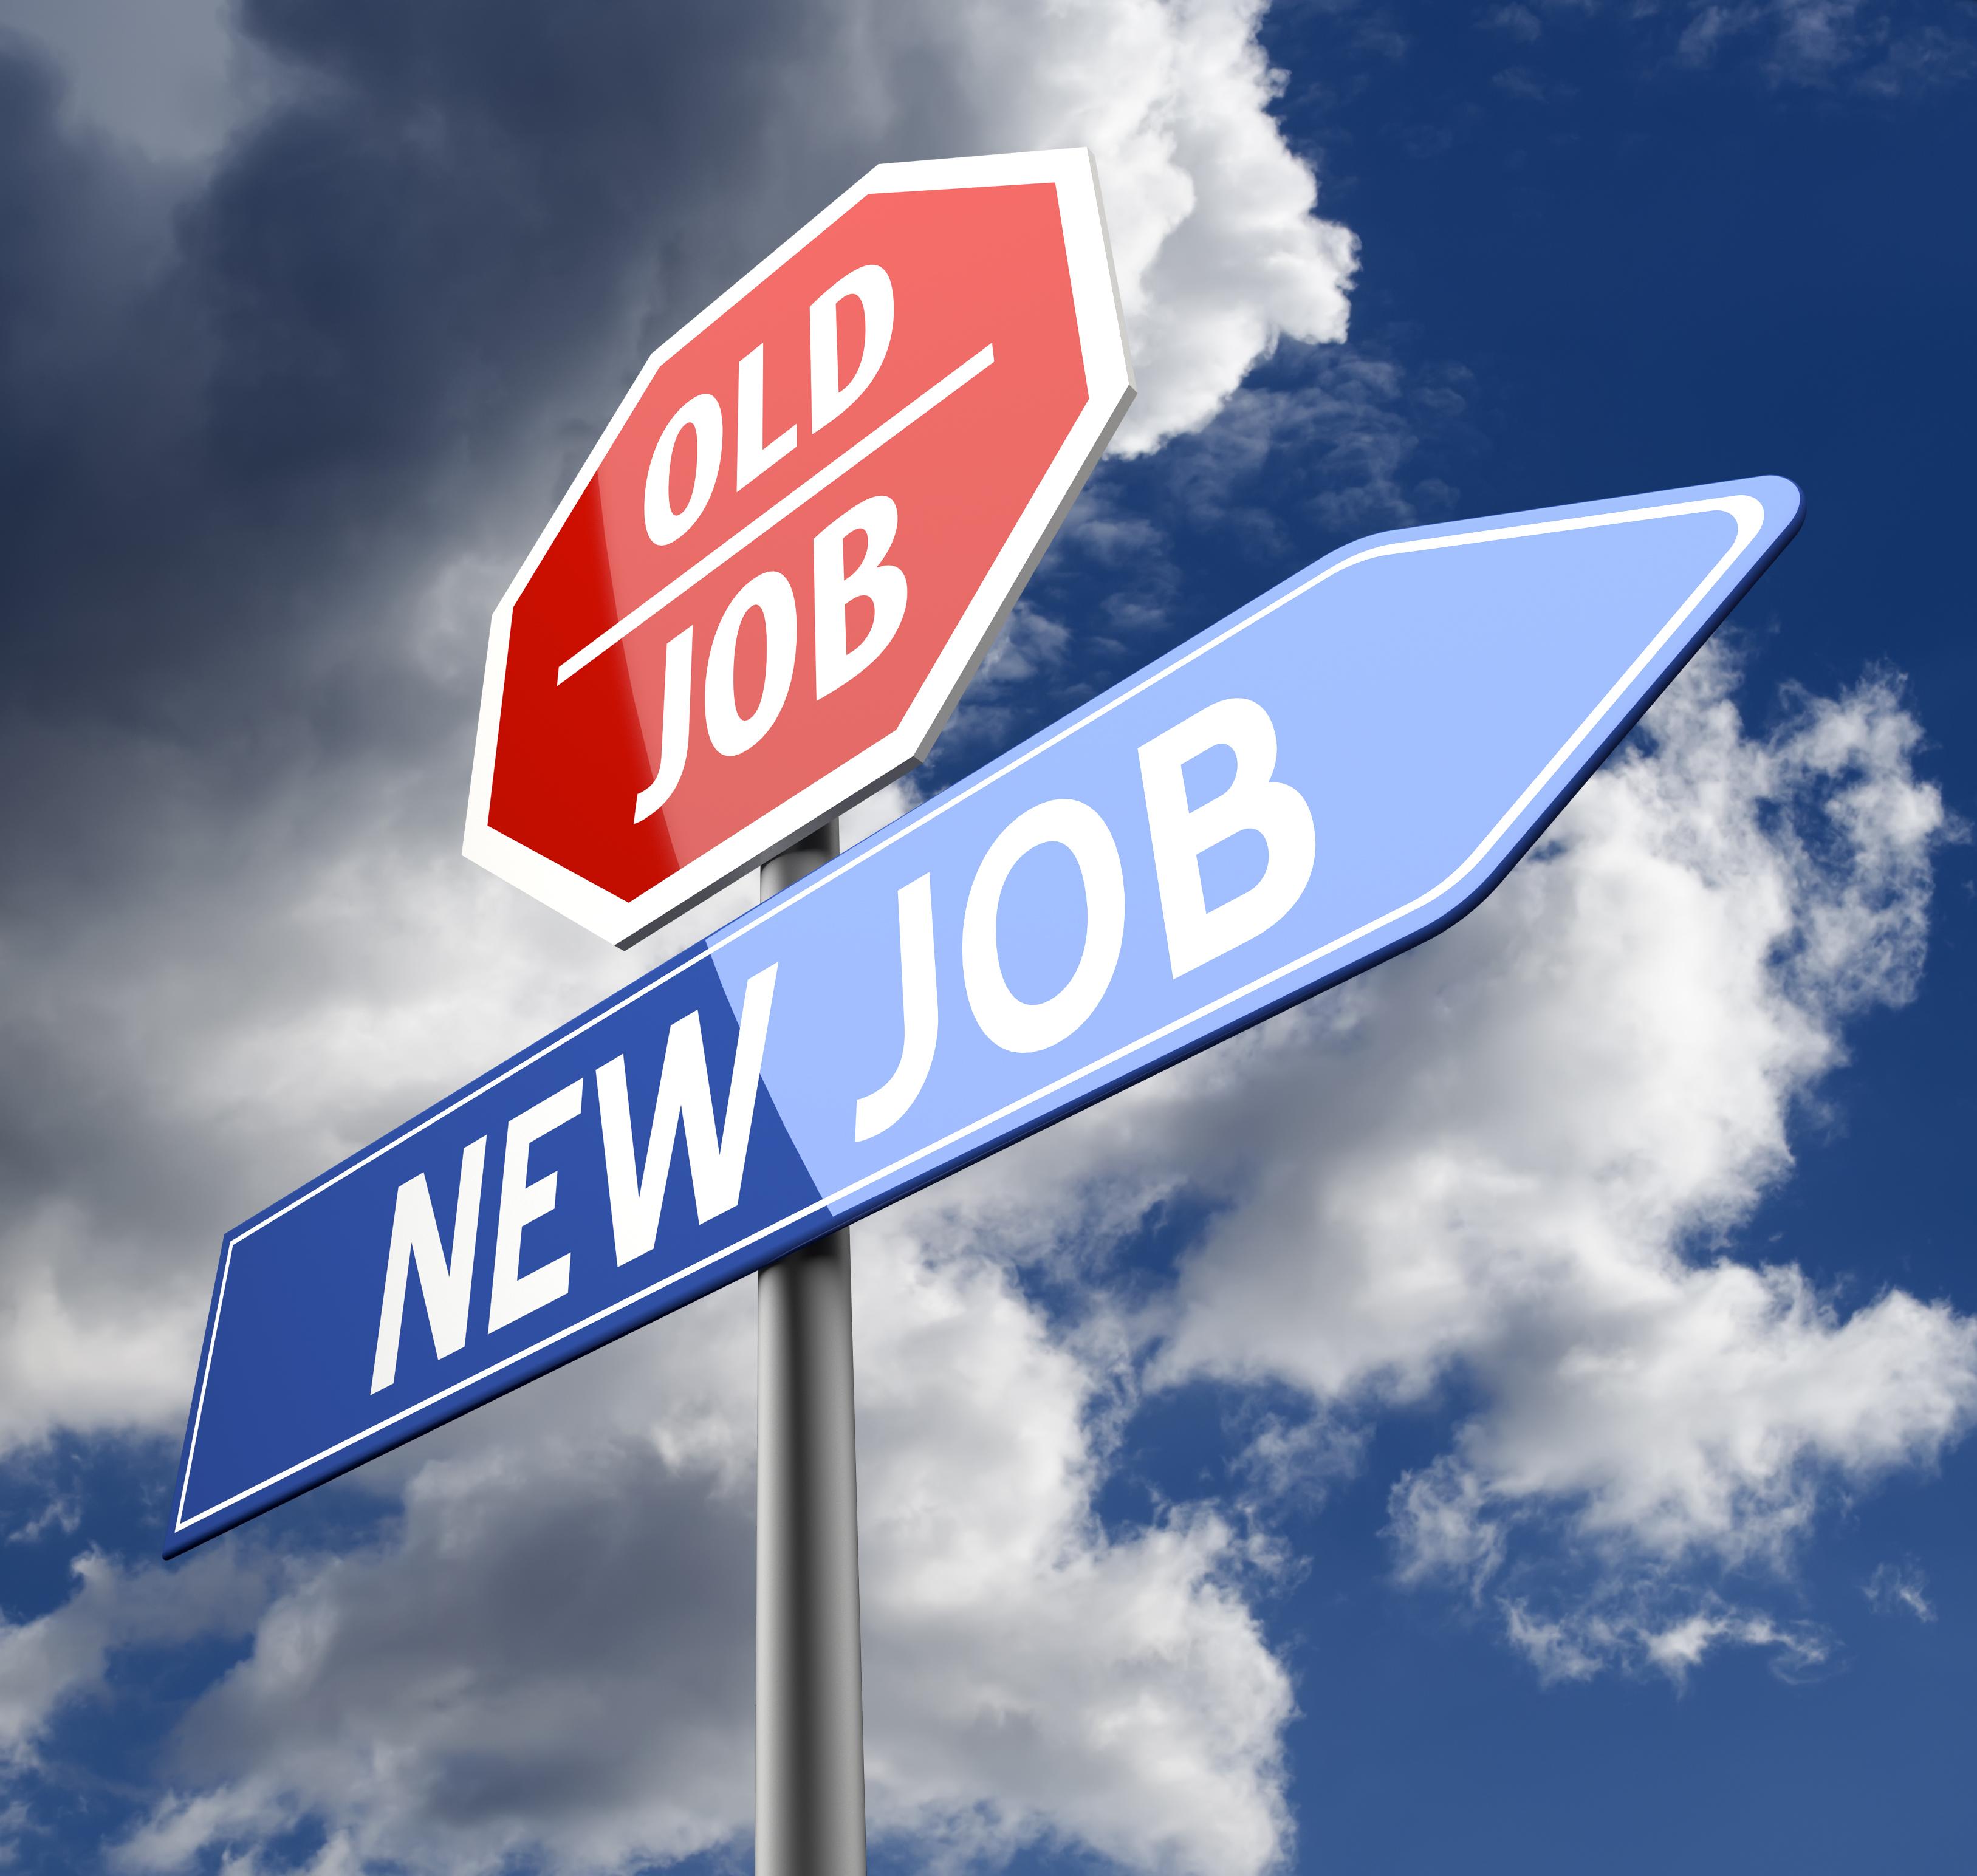 søger nyt job